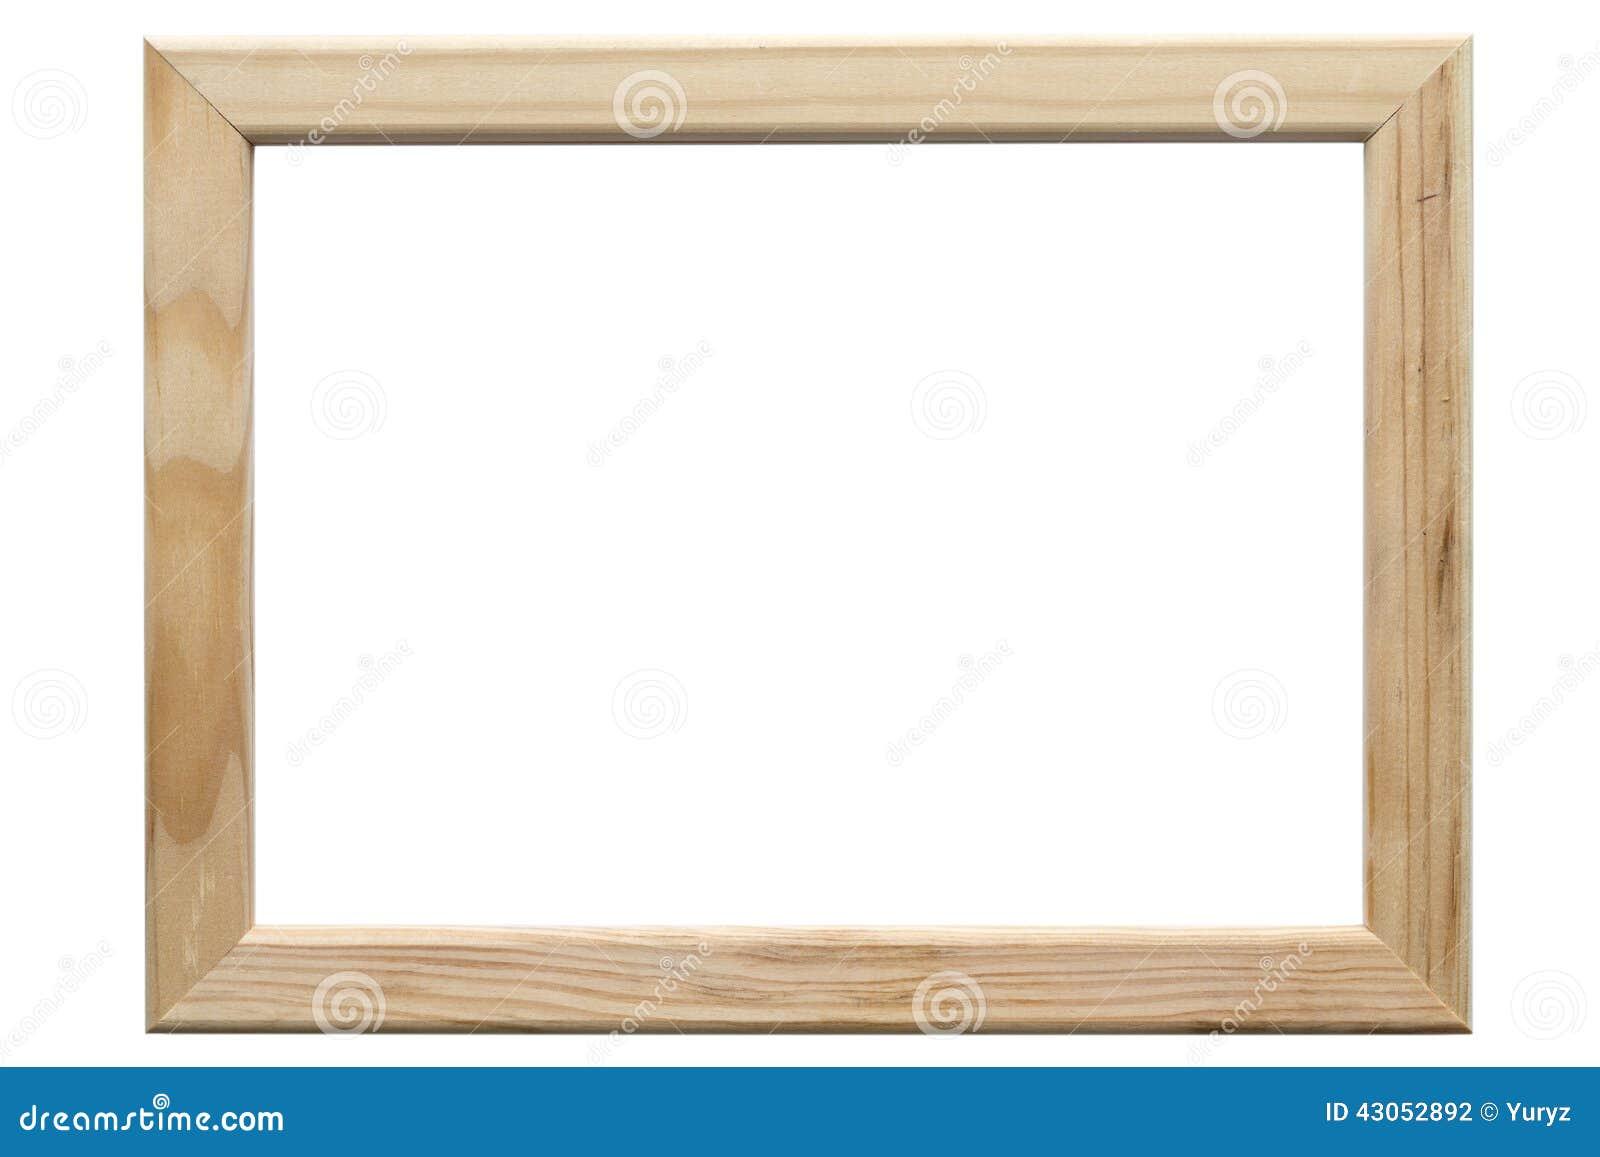 Light Wood Frame : Light White Wooden Picture Frames